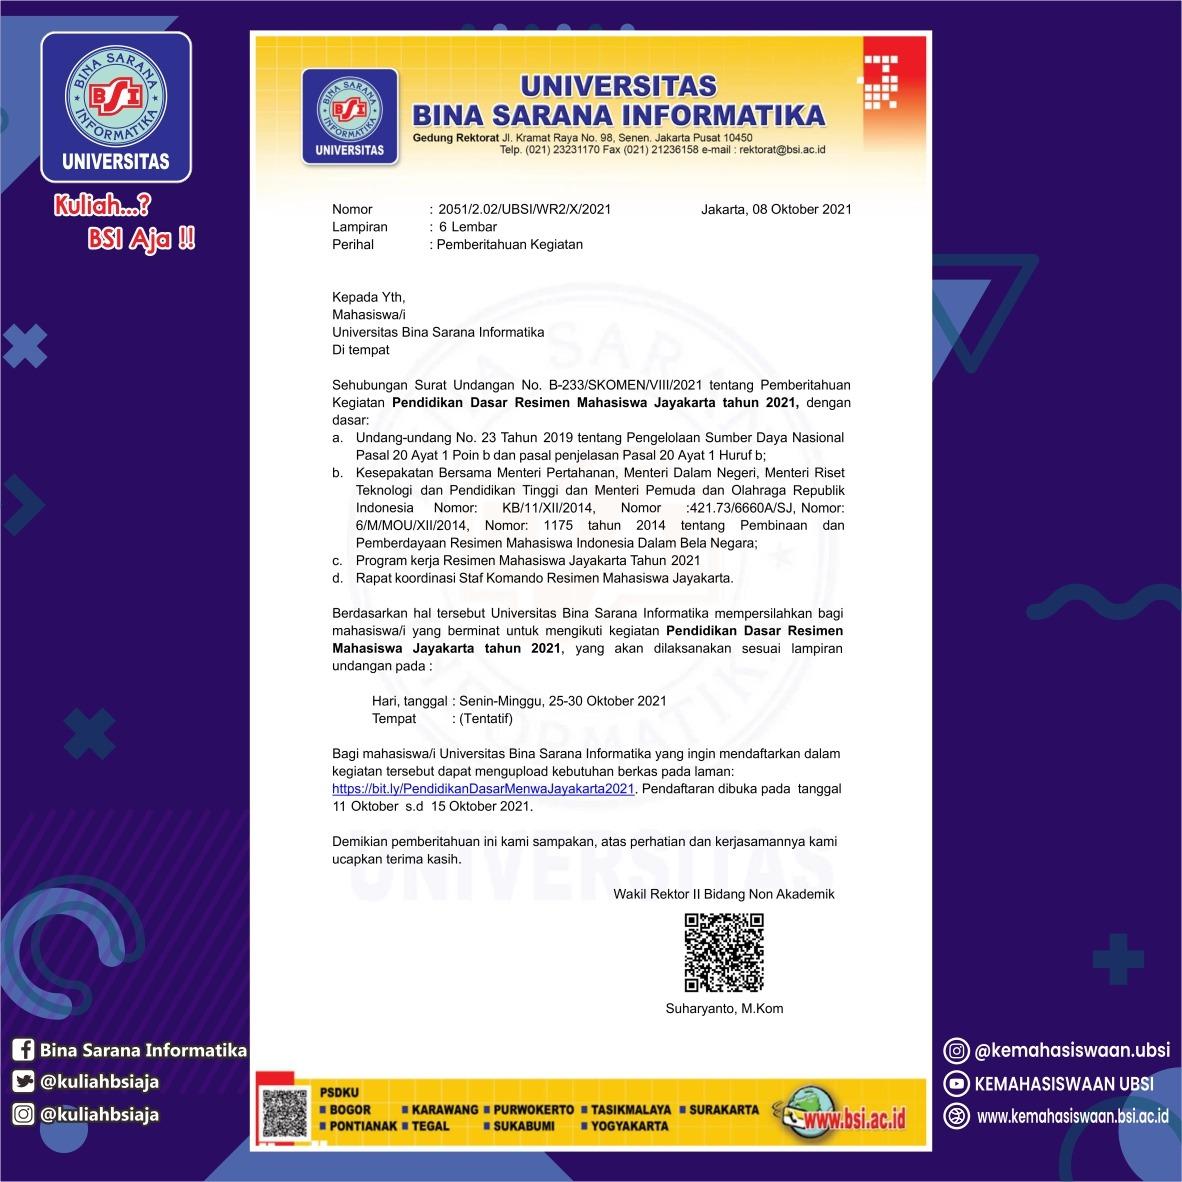 PENDIDIKAN DASAR RESIMEN MAHASISWA JAYAKARTA TAHUN 2021